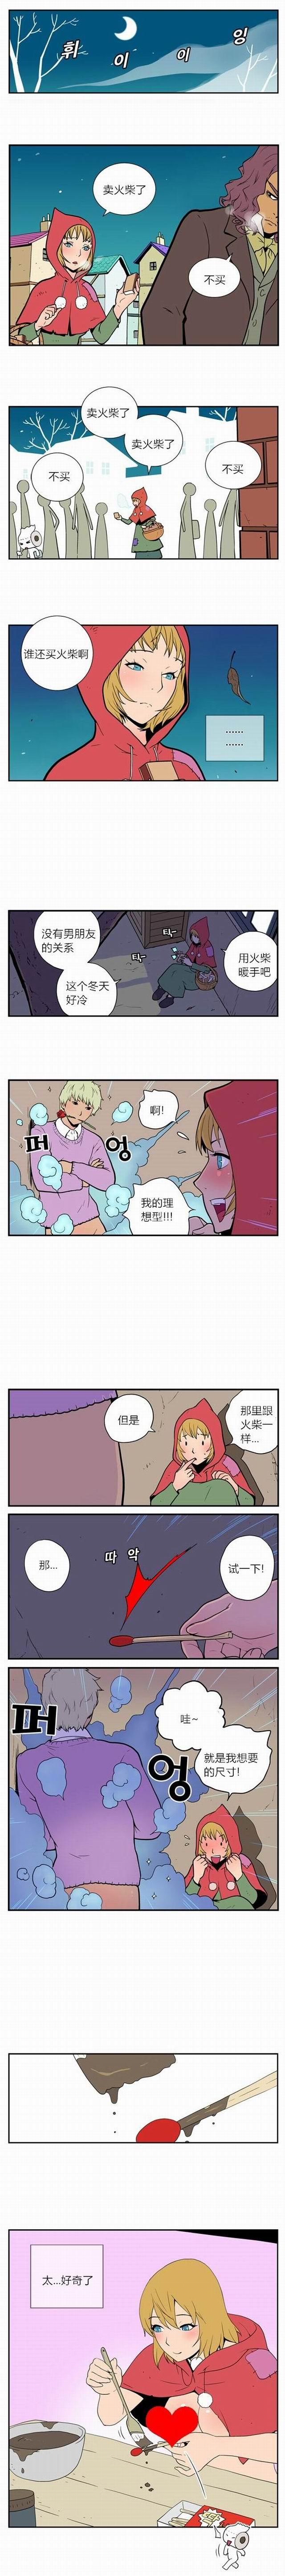 邪恶漫画 龟兔赛跑 跟踪 太好奇了 邪恶少女漫画 图4